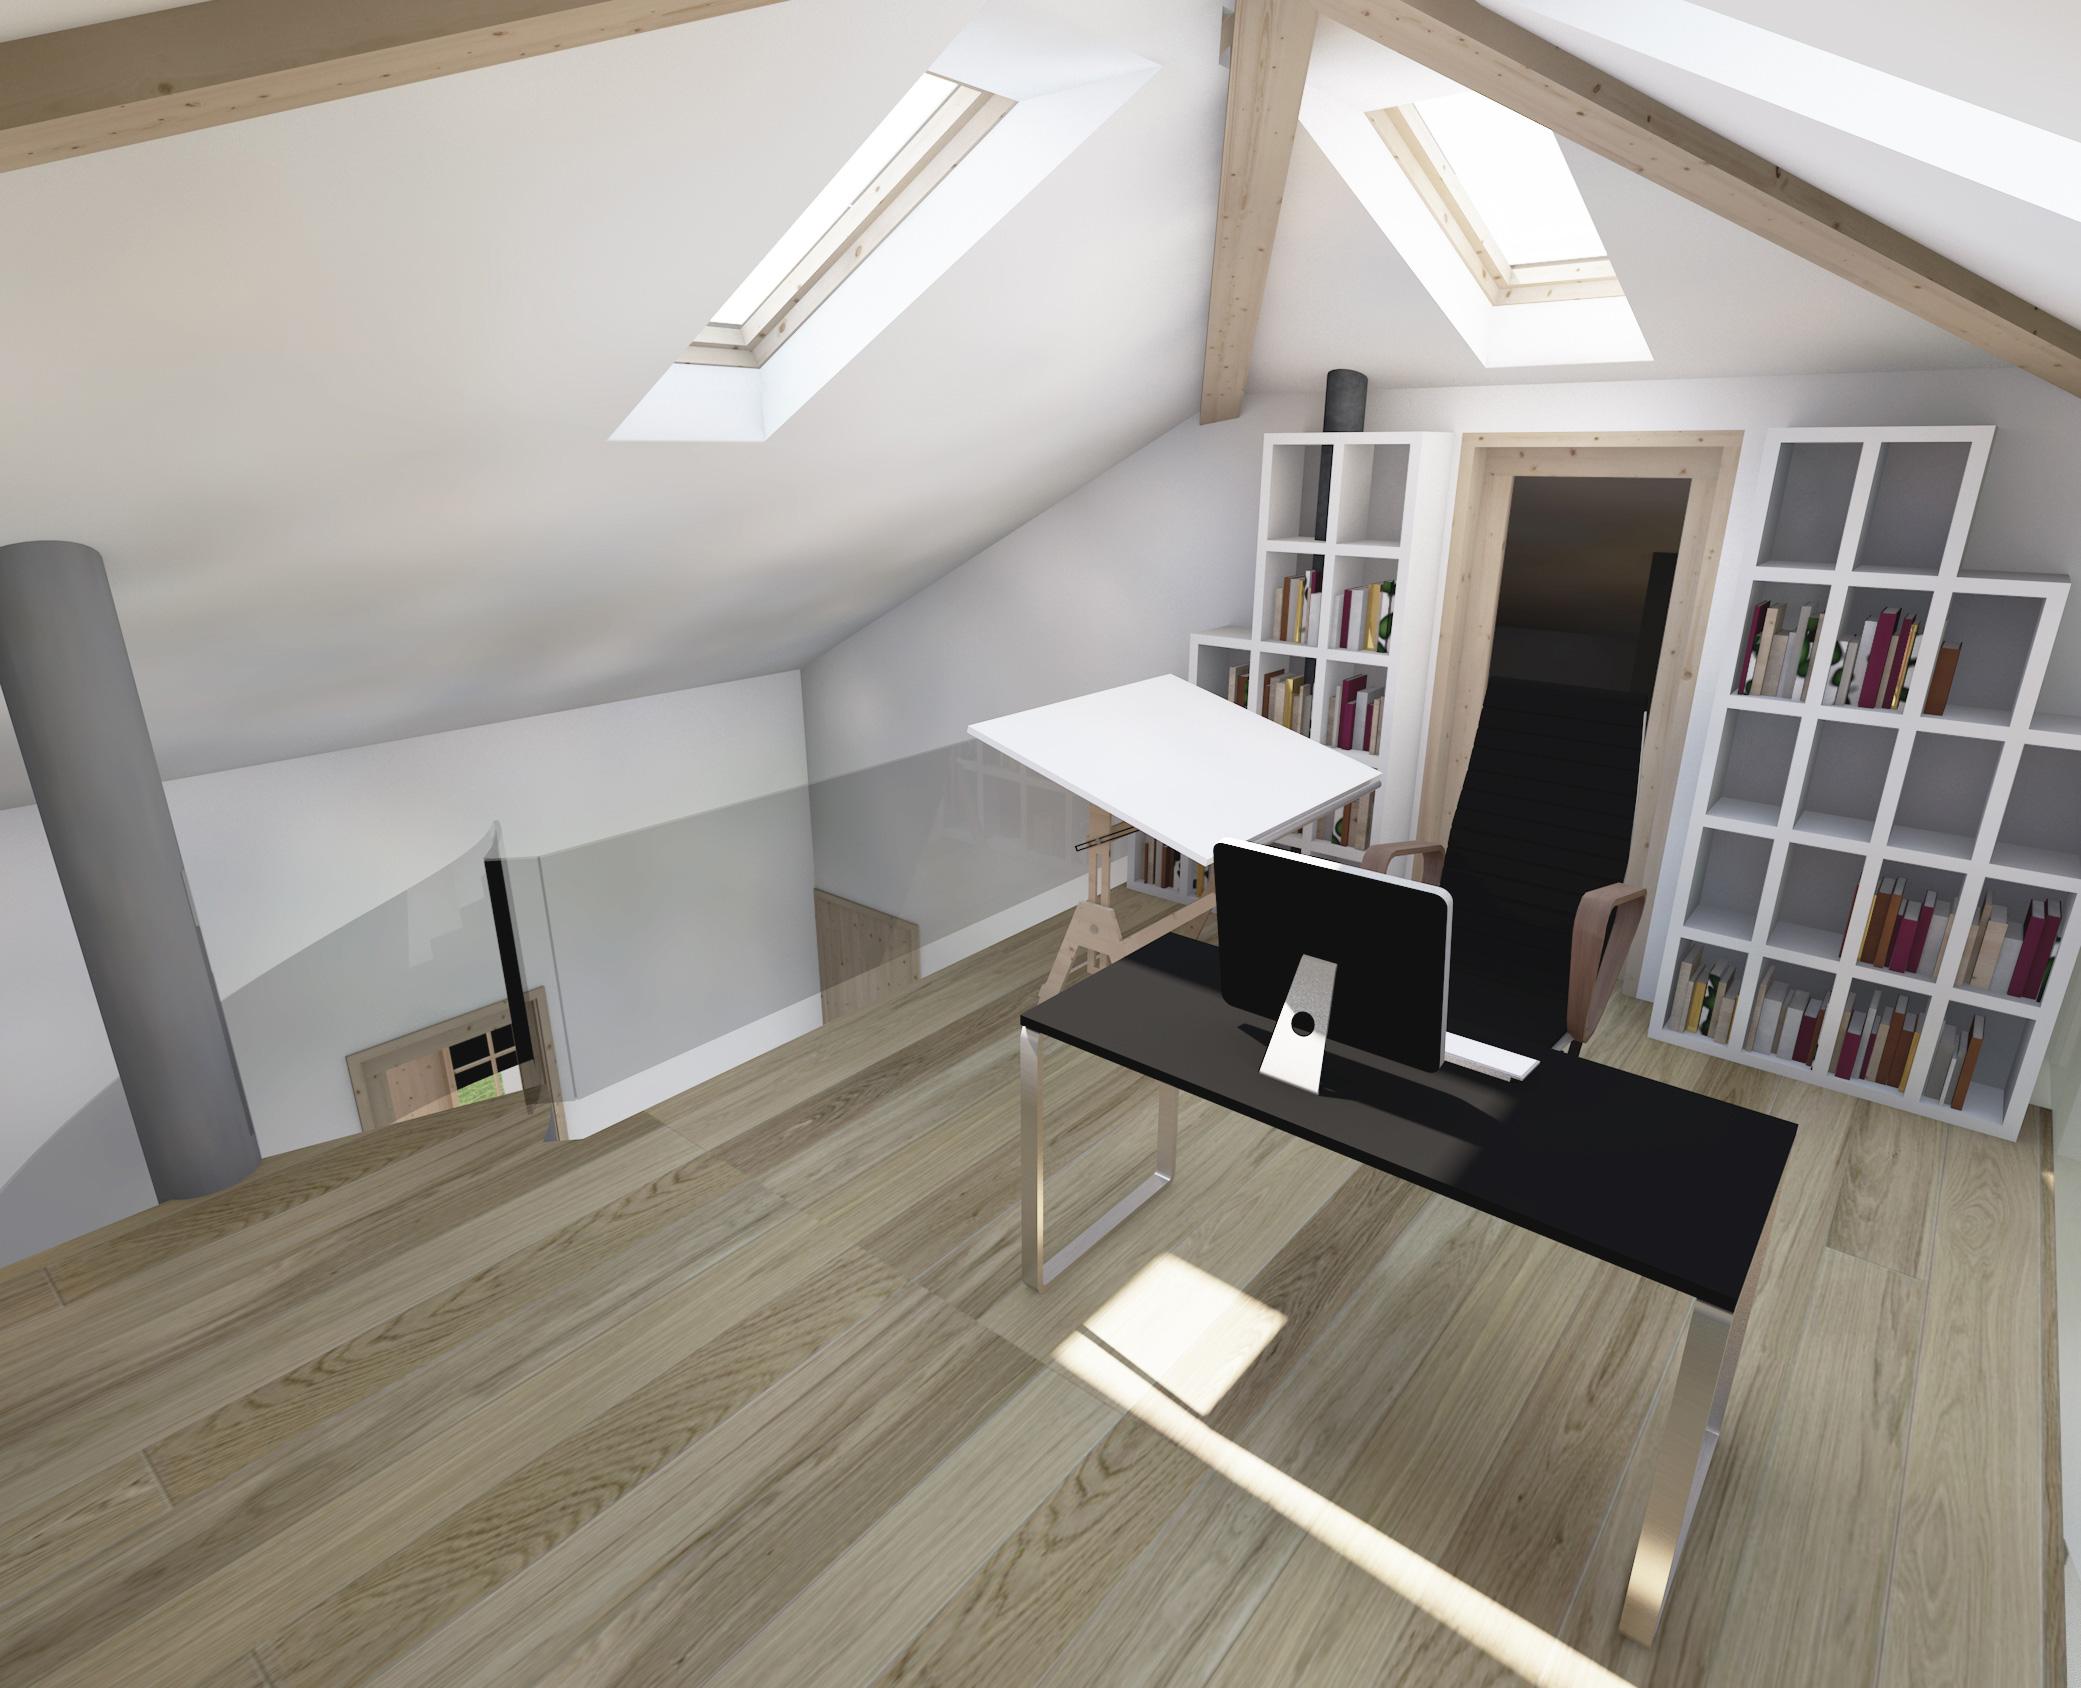 dom prosty, antresola, biuro, miejsce pracy, deska kreslarska, projekty budowlane